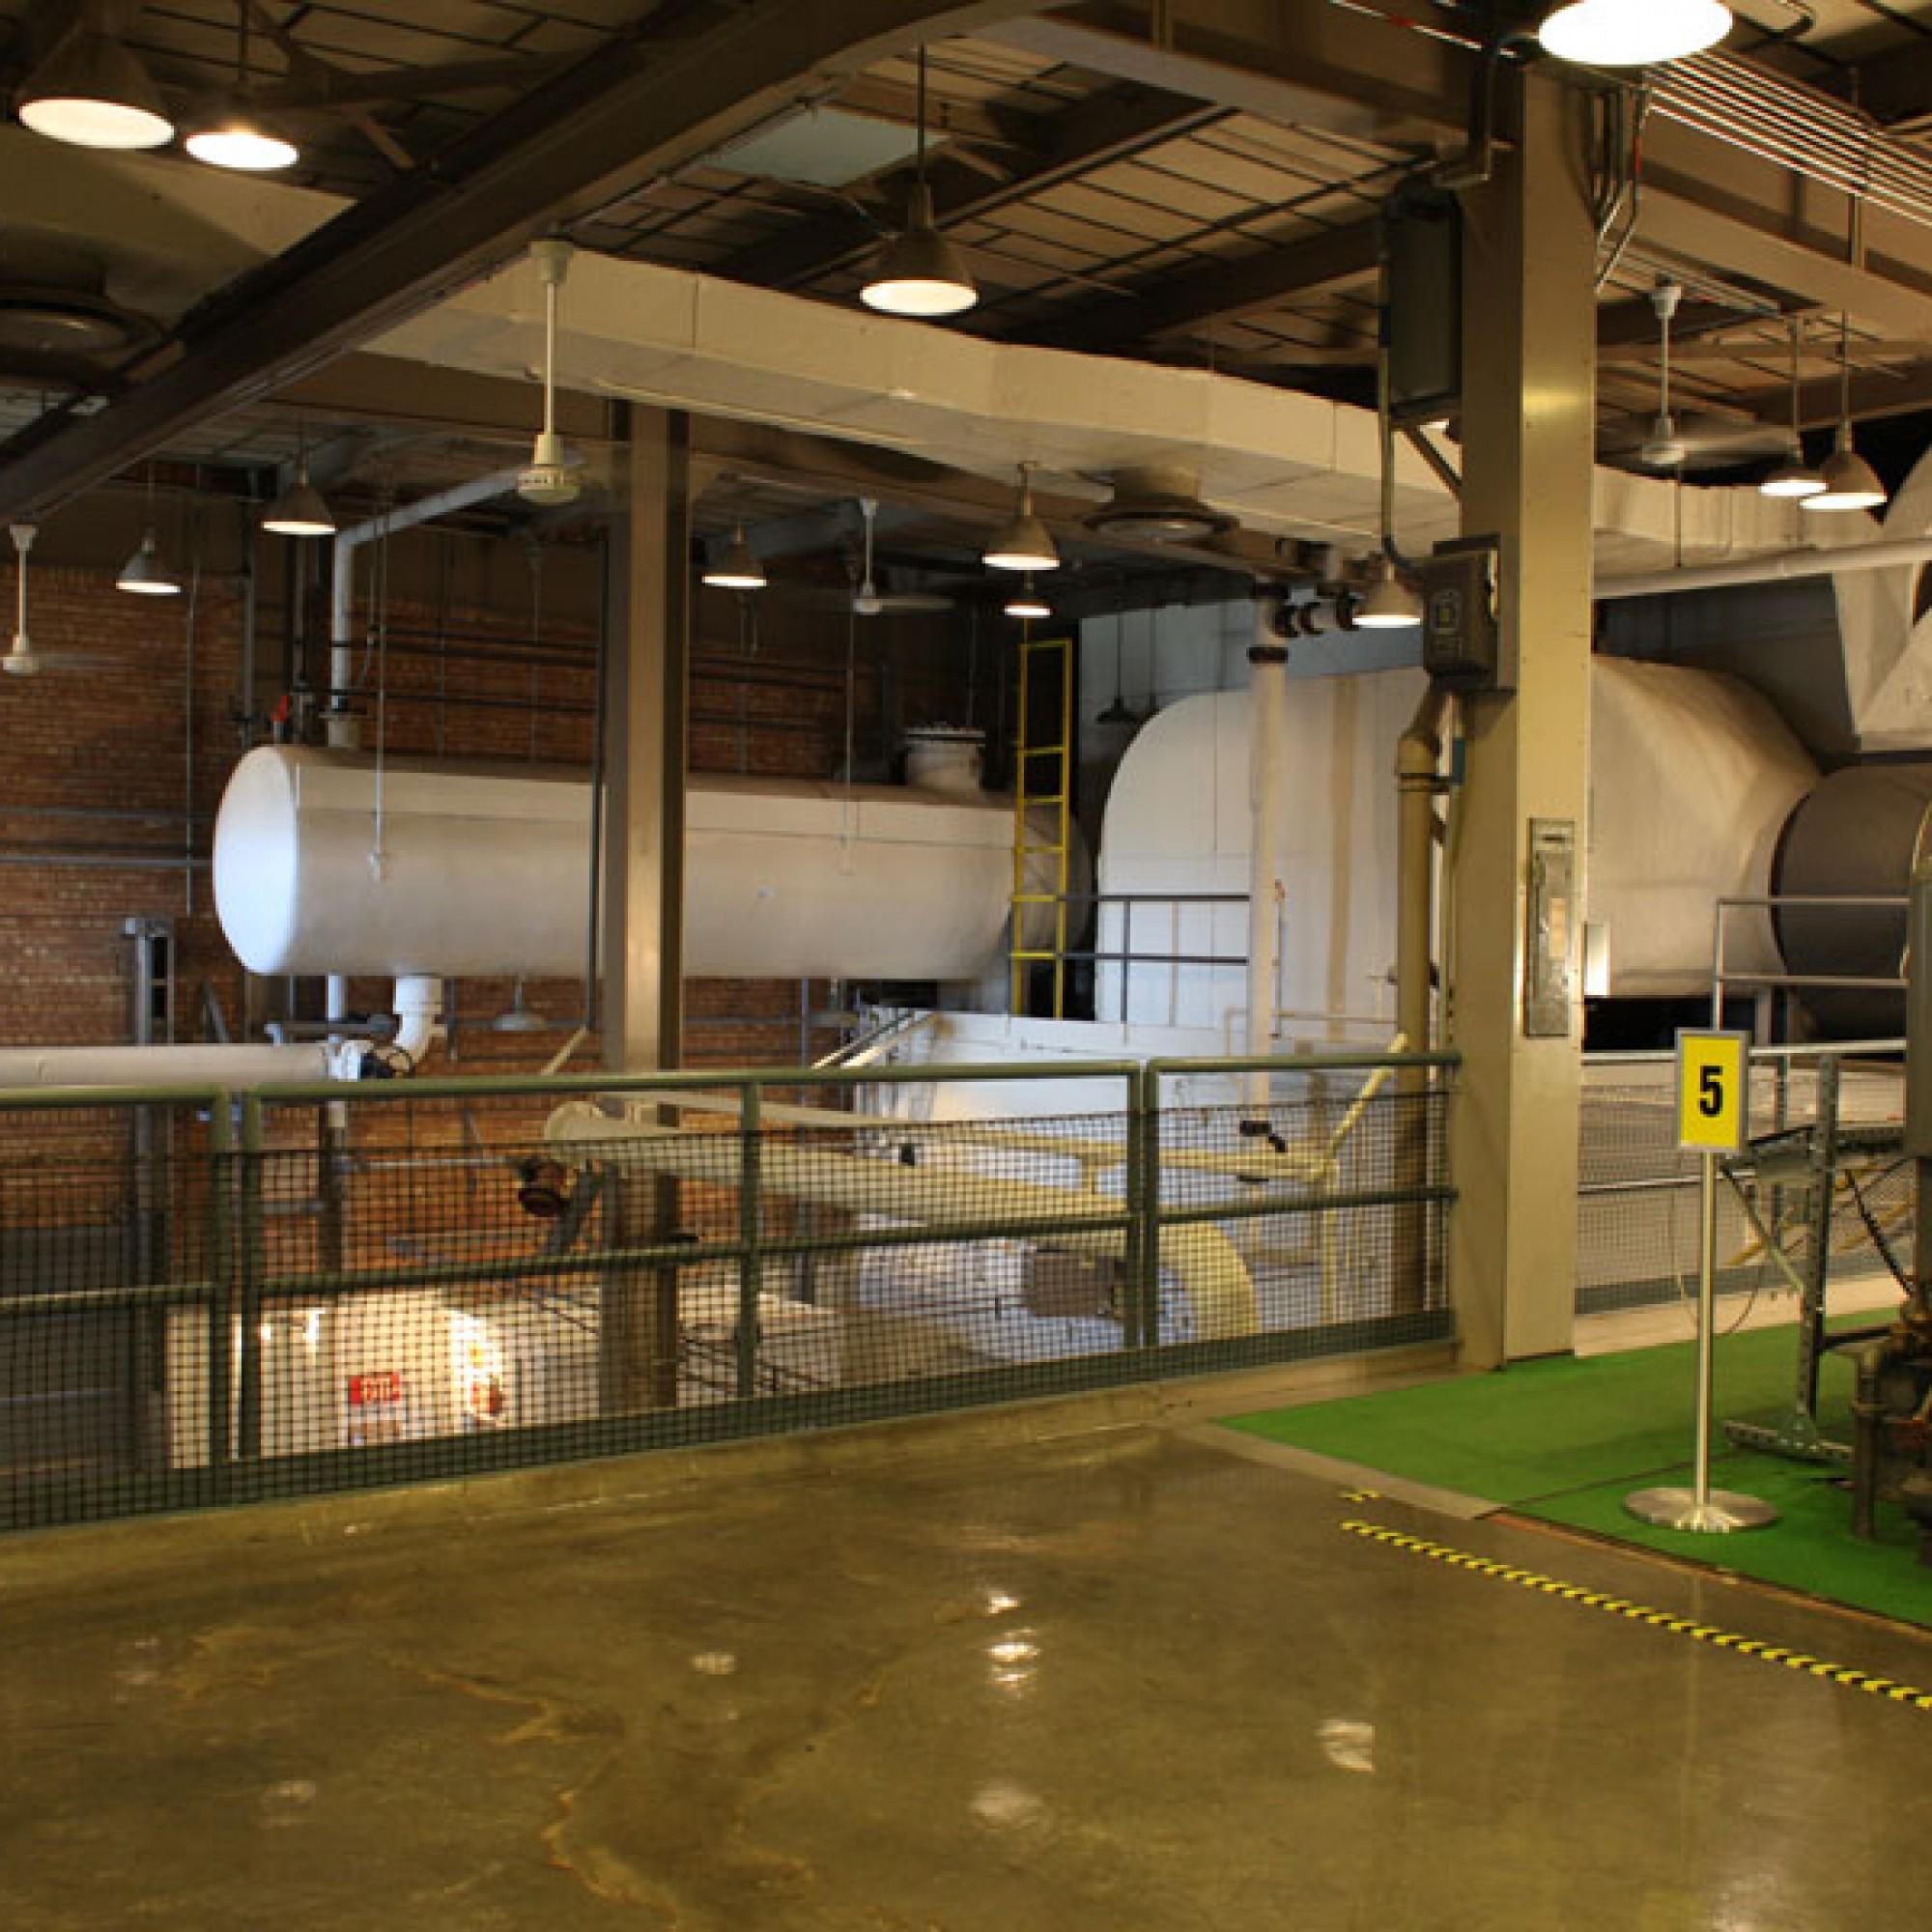 Das Innere des Versuchreaktors. (Bild: Kelly Michals flickr CC BY-NC 2.0)